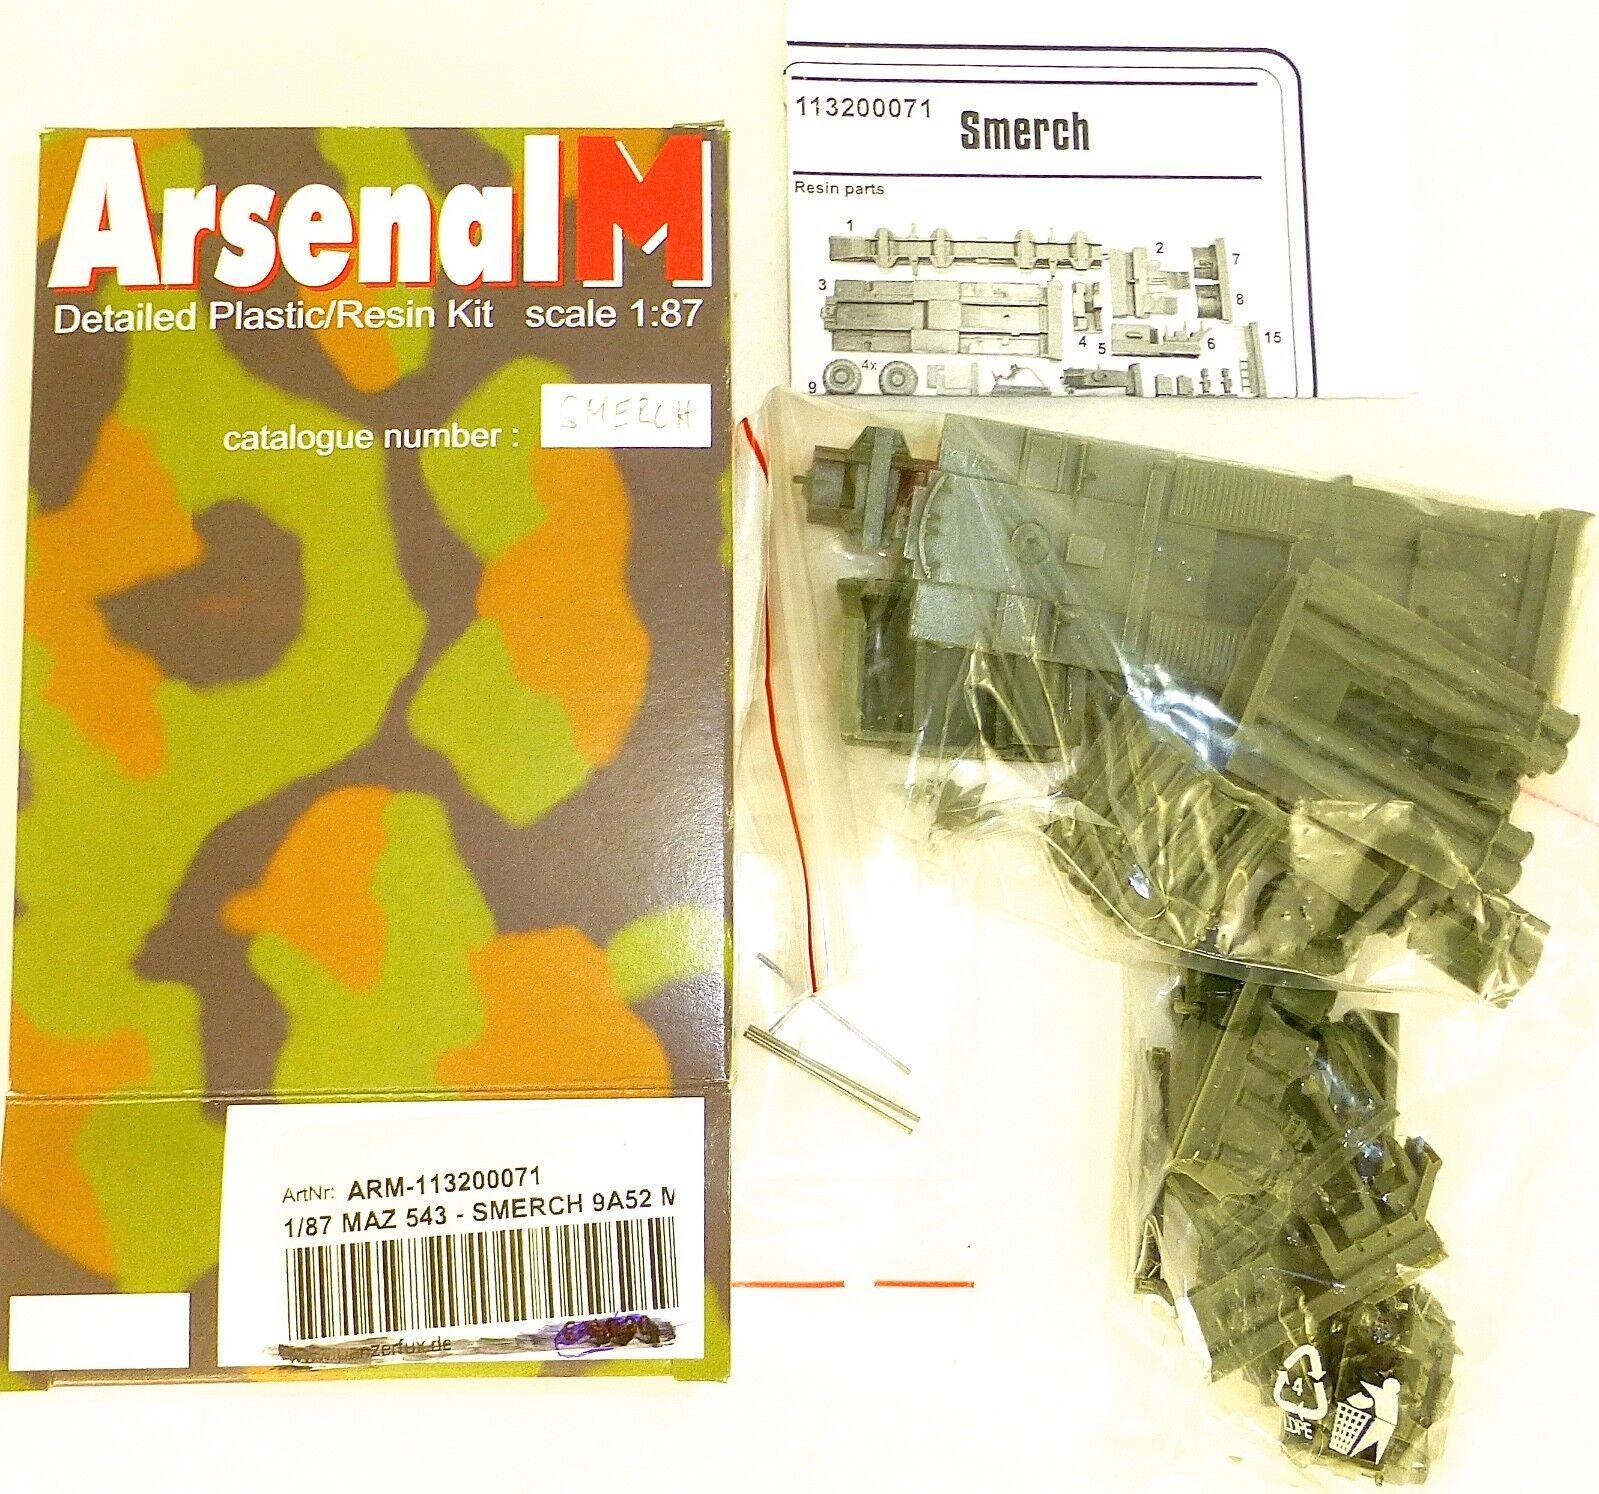 Maz 543 smerch 9A52 m arm 113200071 Arsenal m m m bausatz ungebaut 1 87 å 67a5a3